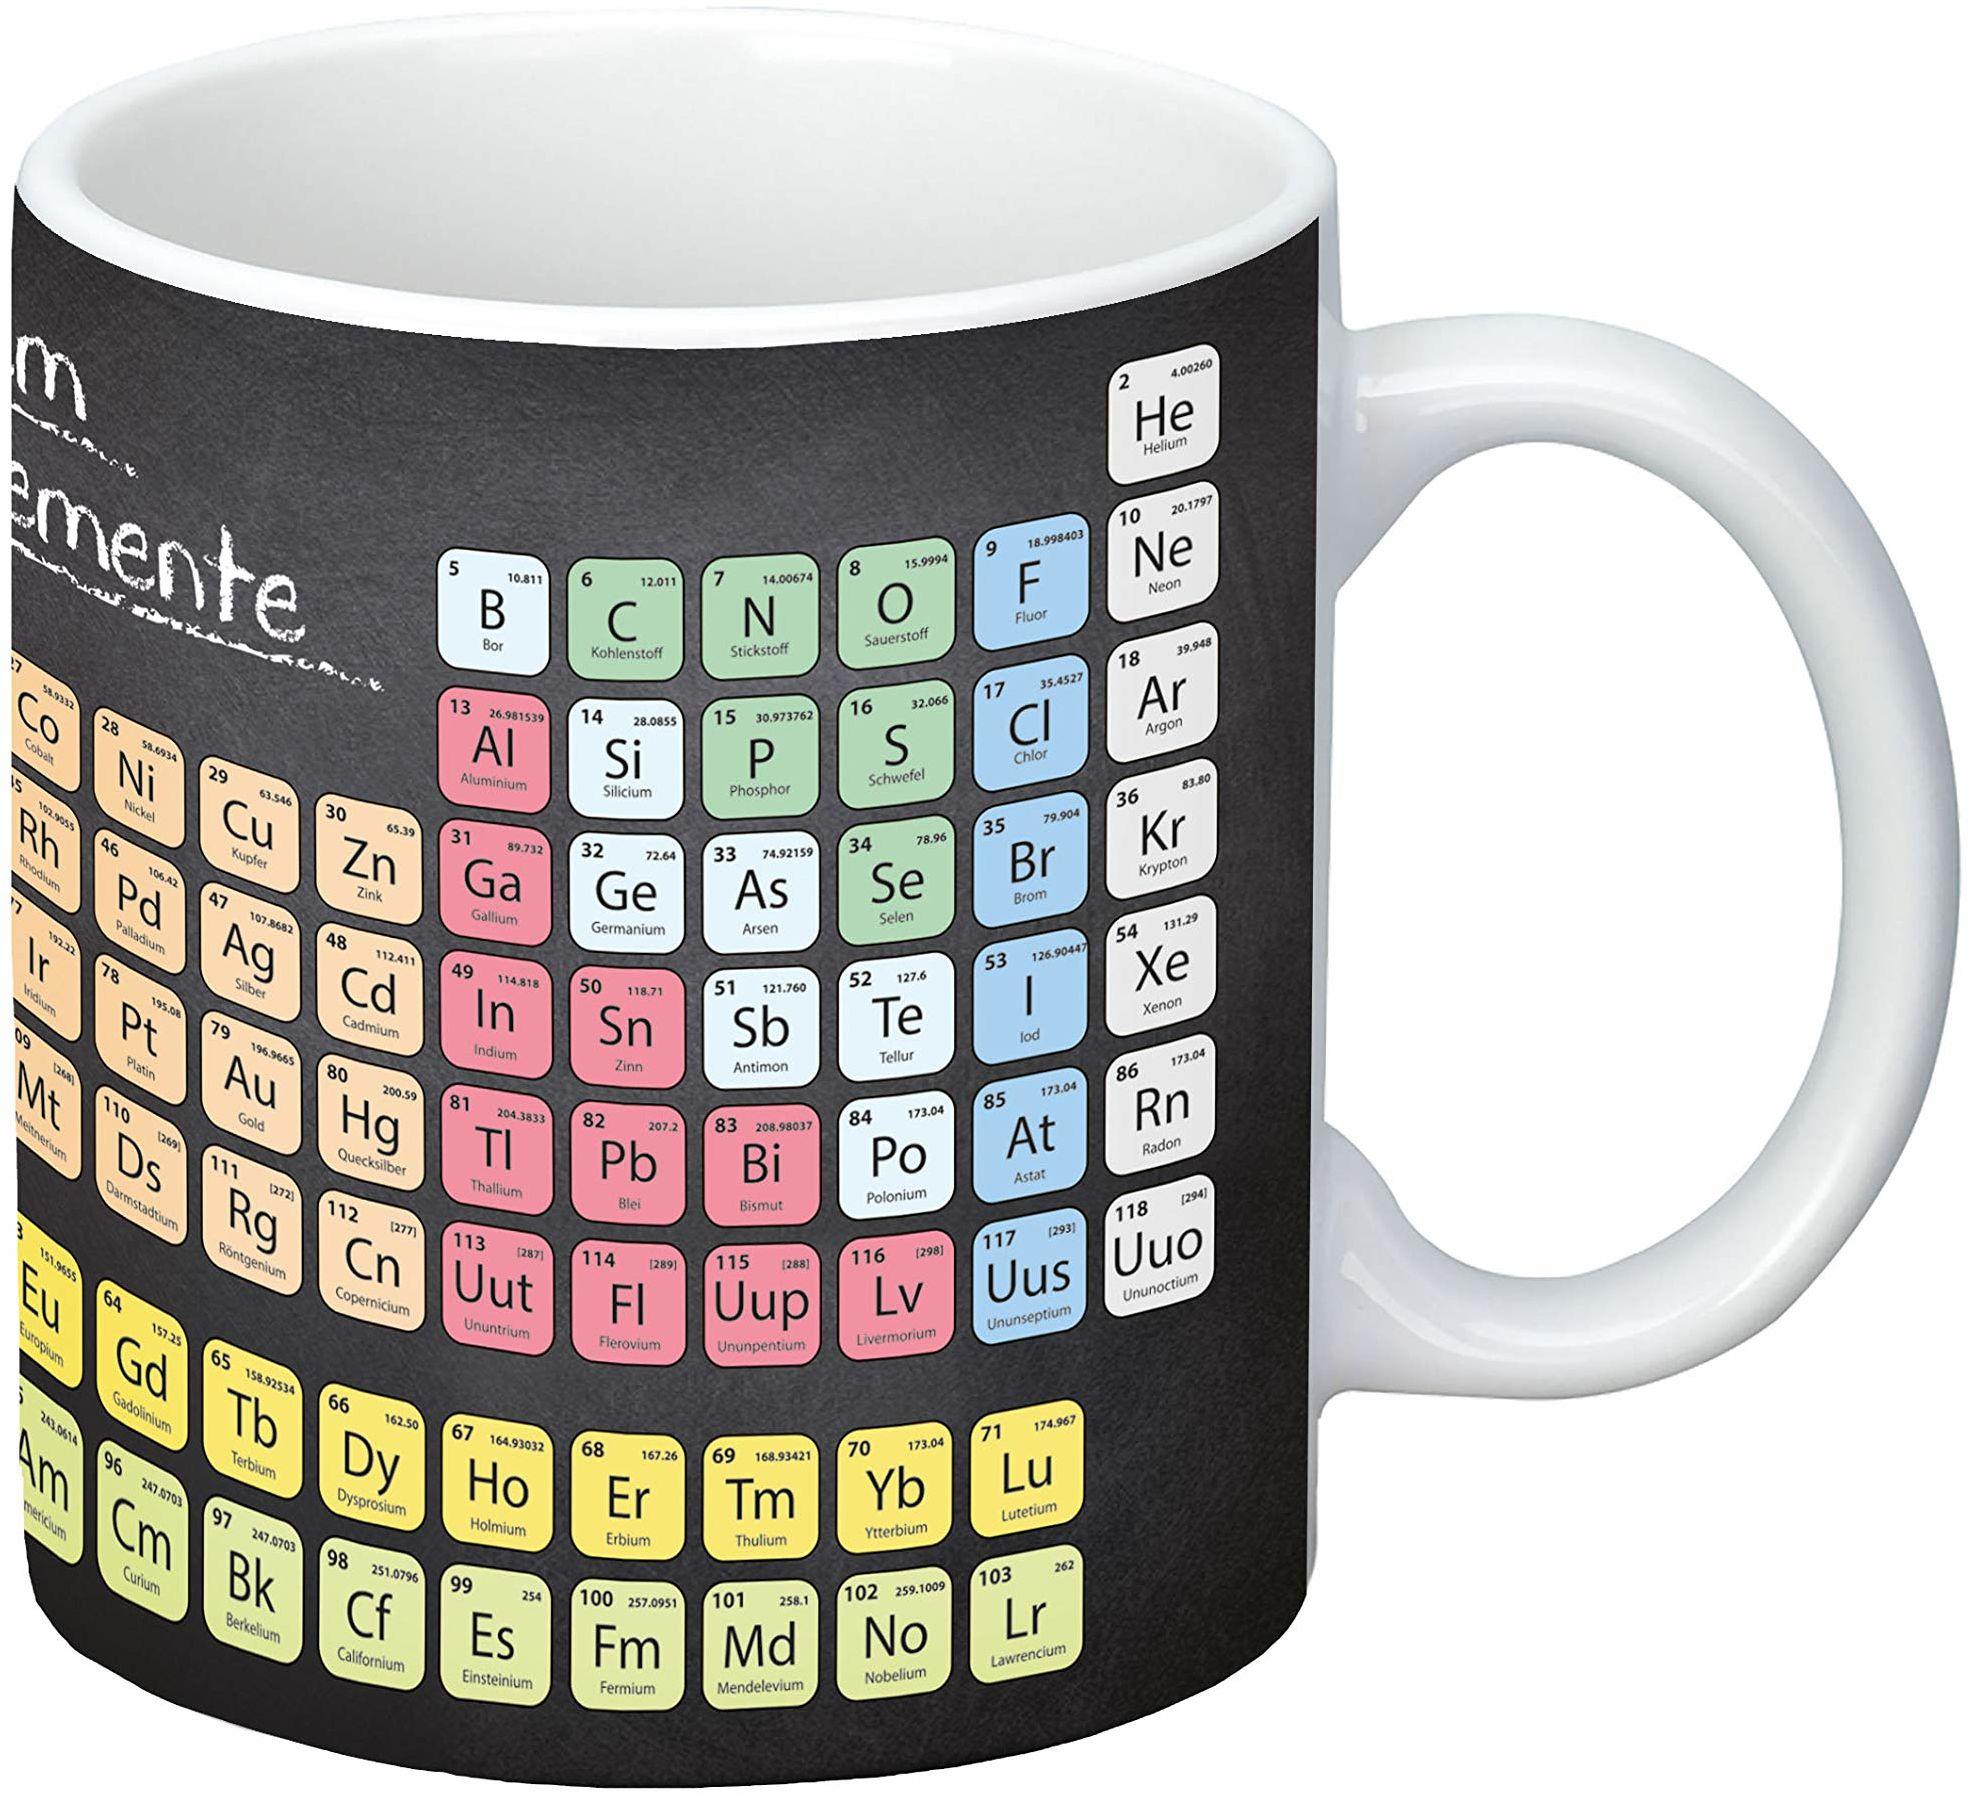 infinite by GEDA LABELS (INFKH) 12160 Periodensystem filiżanka, porcelanowa filiżanka, filiżanka do kawy, filiżanka dla dzieci, wielokolorowa